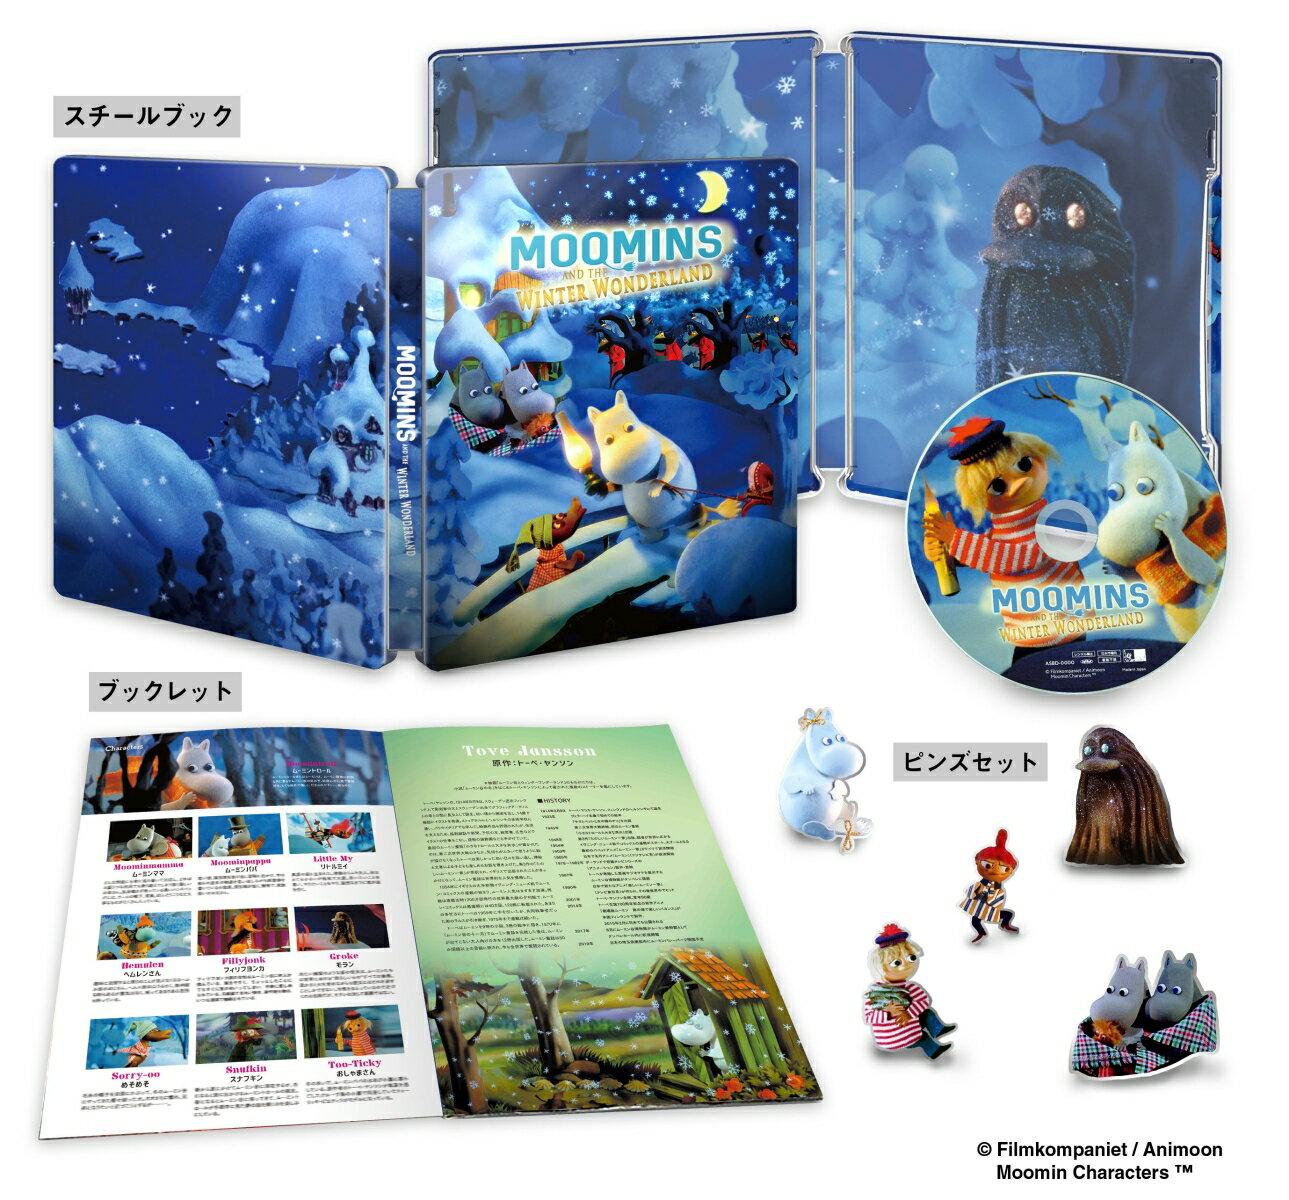 ムーミン谷とウィンターワンダーランド 豪華版Blu-ray(初回生産限定)【Blu-ray】画像